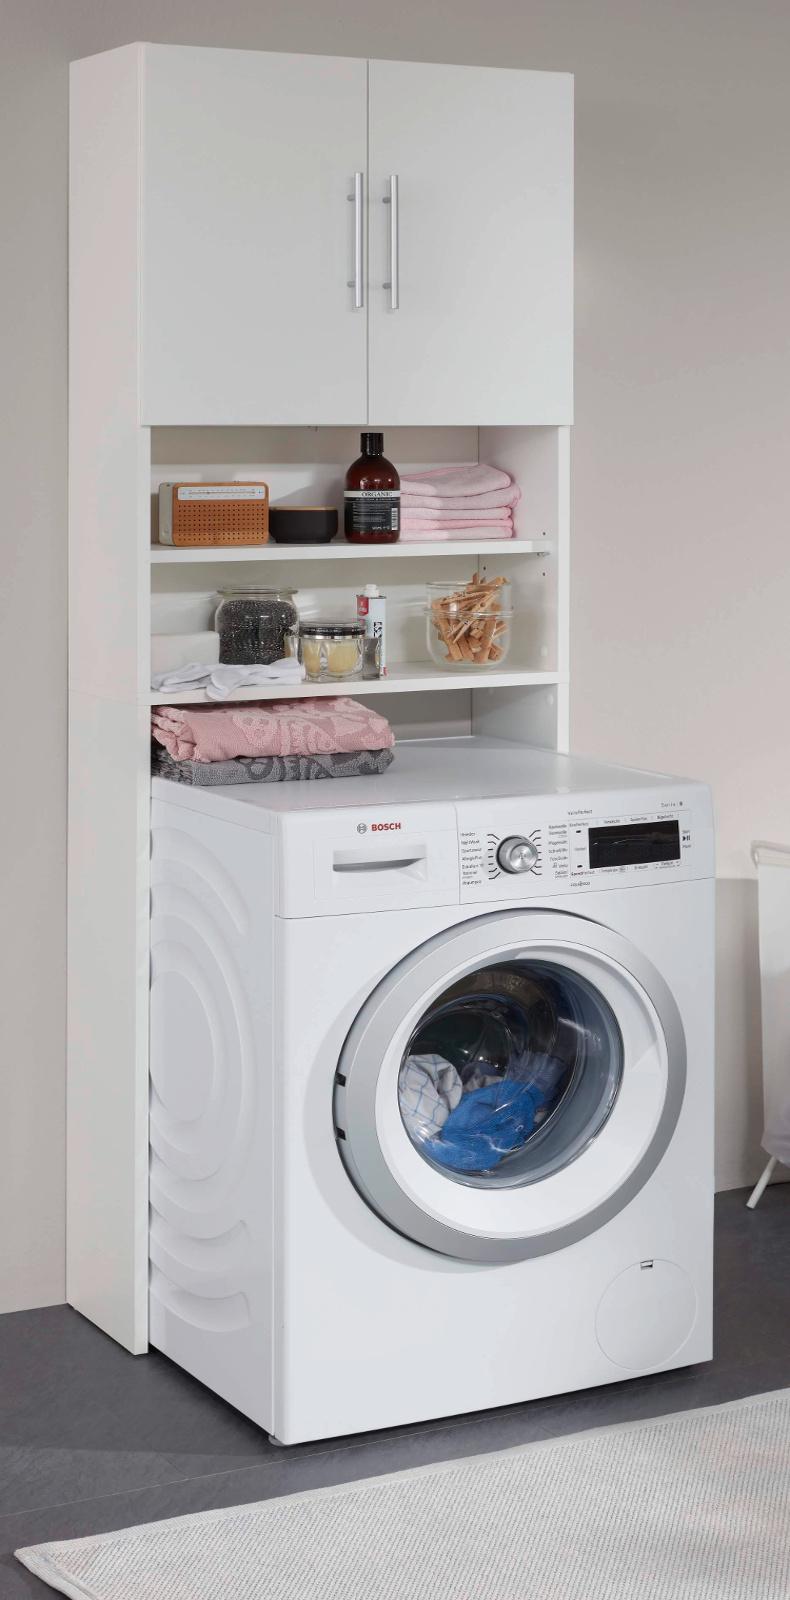 Badmobel Mit Waschmaschinenschrank.Waschmaschinenschrank Bad Basix Weiss 64 Cm